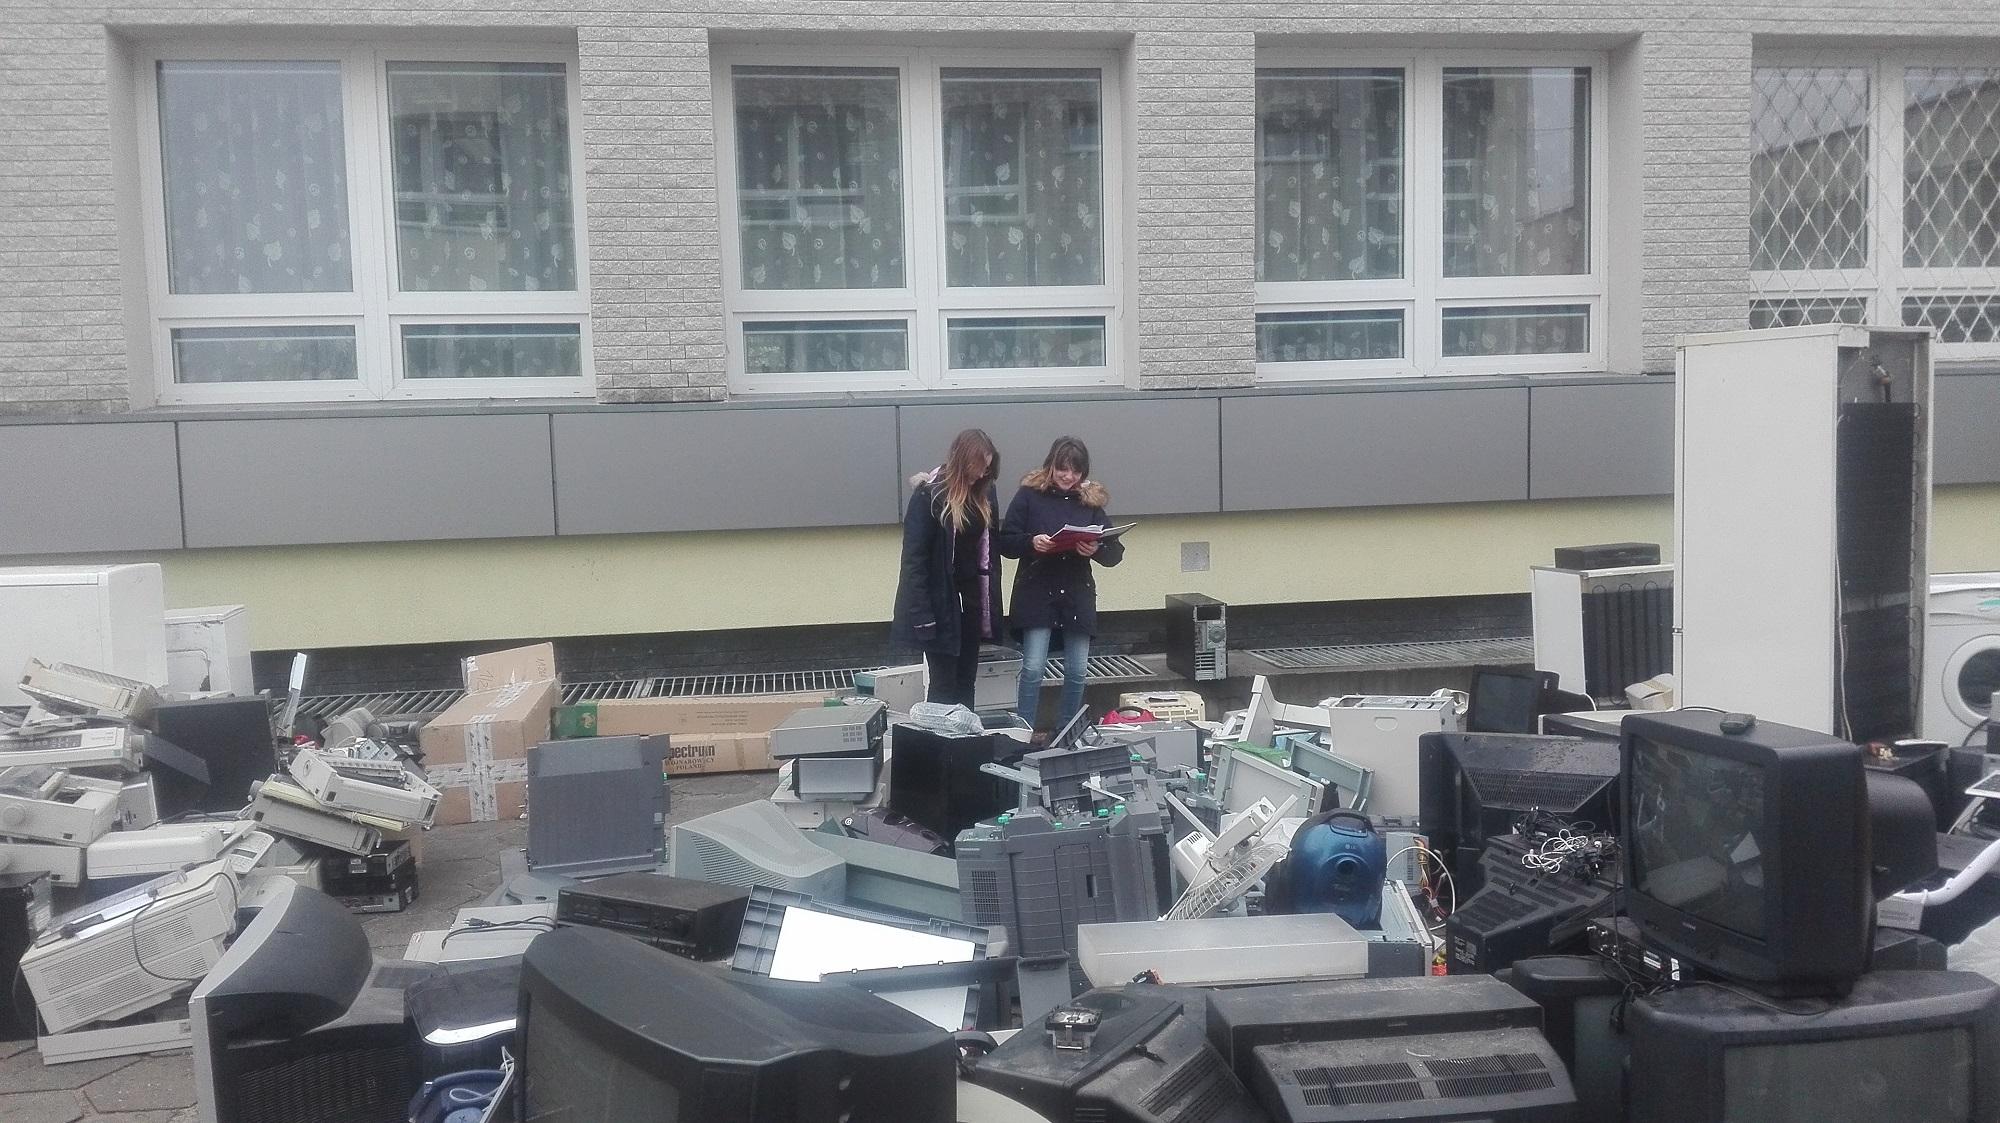 zdjęcie ilustrujące zbiórkę elektrośmieci